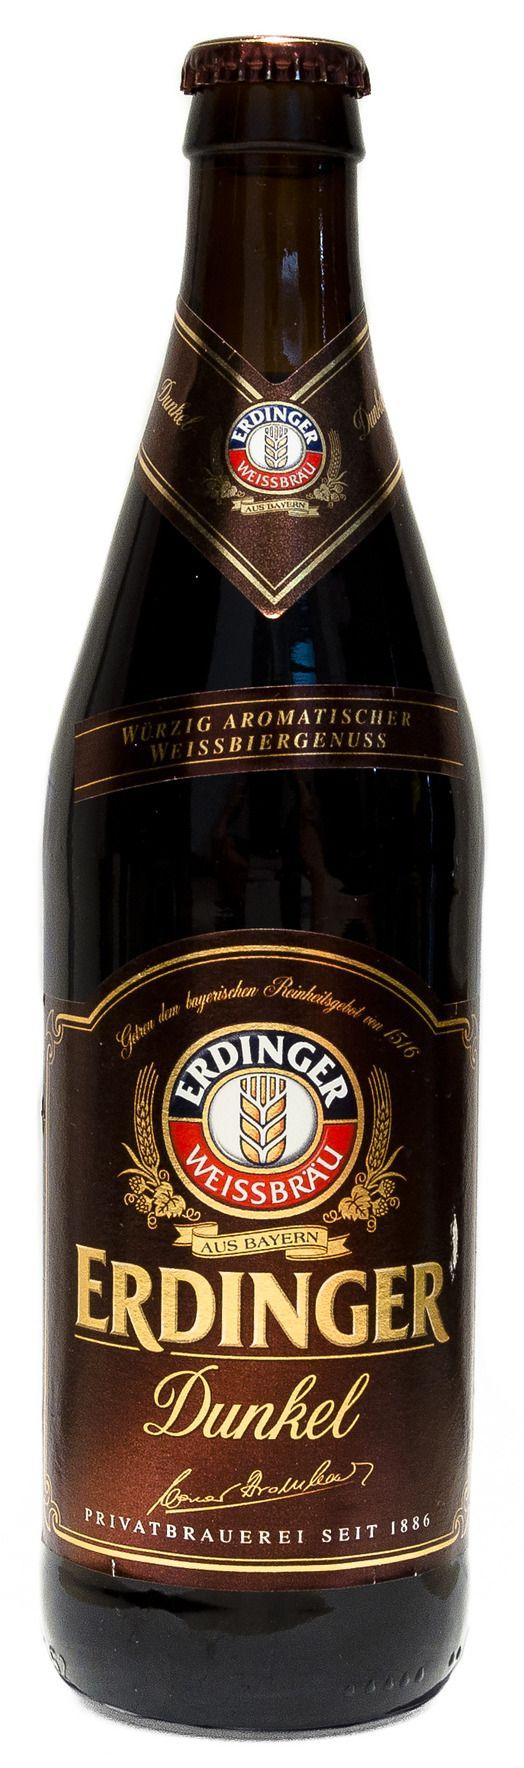 Erdinger Weissbier Dunkel. My favourite favourite beer.